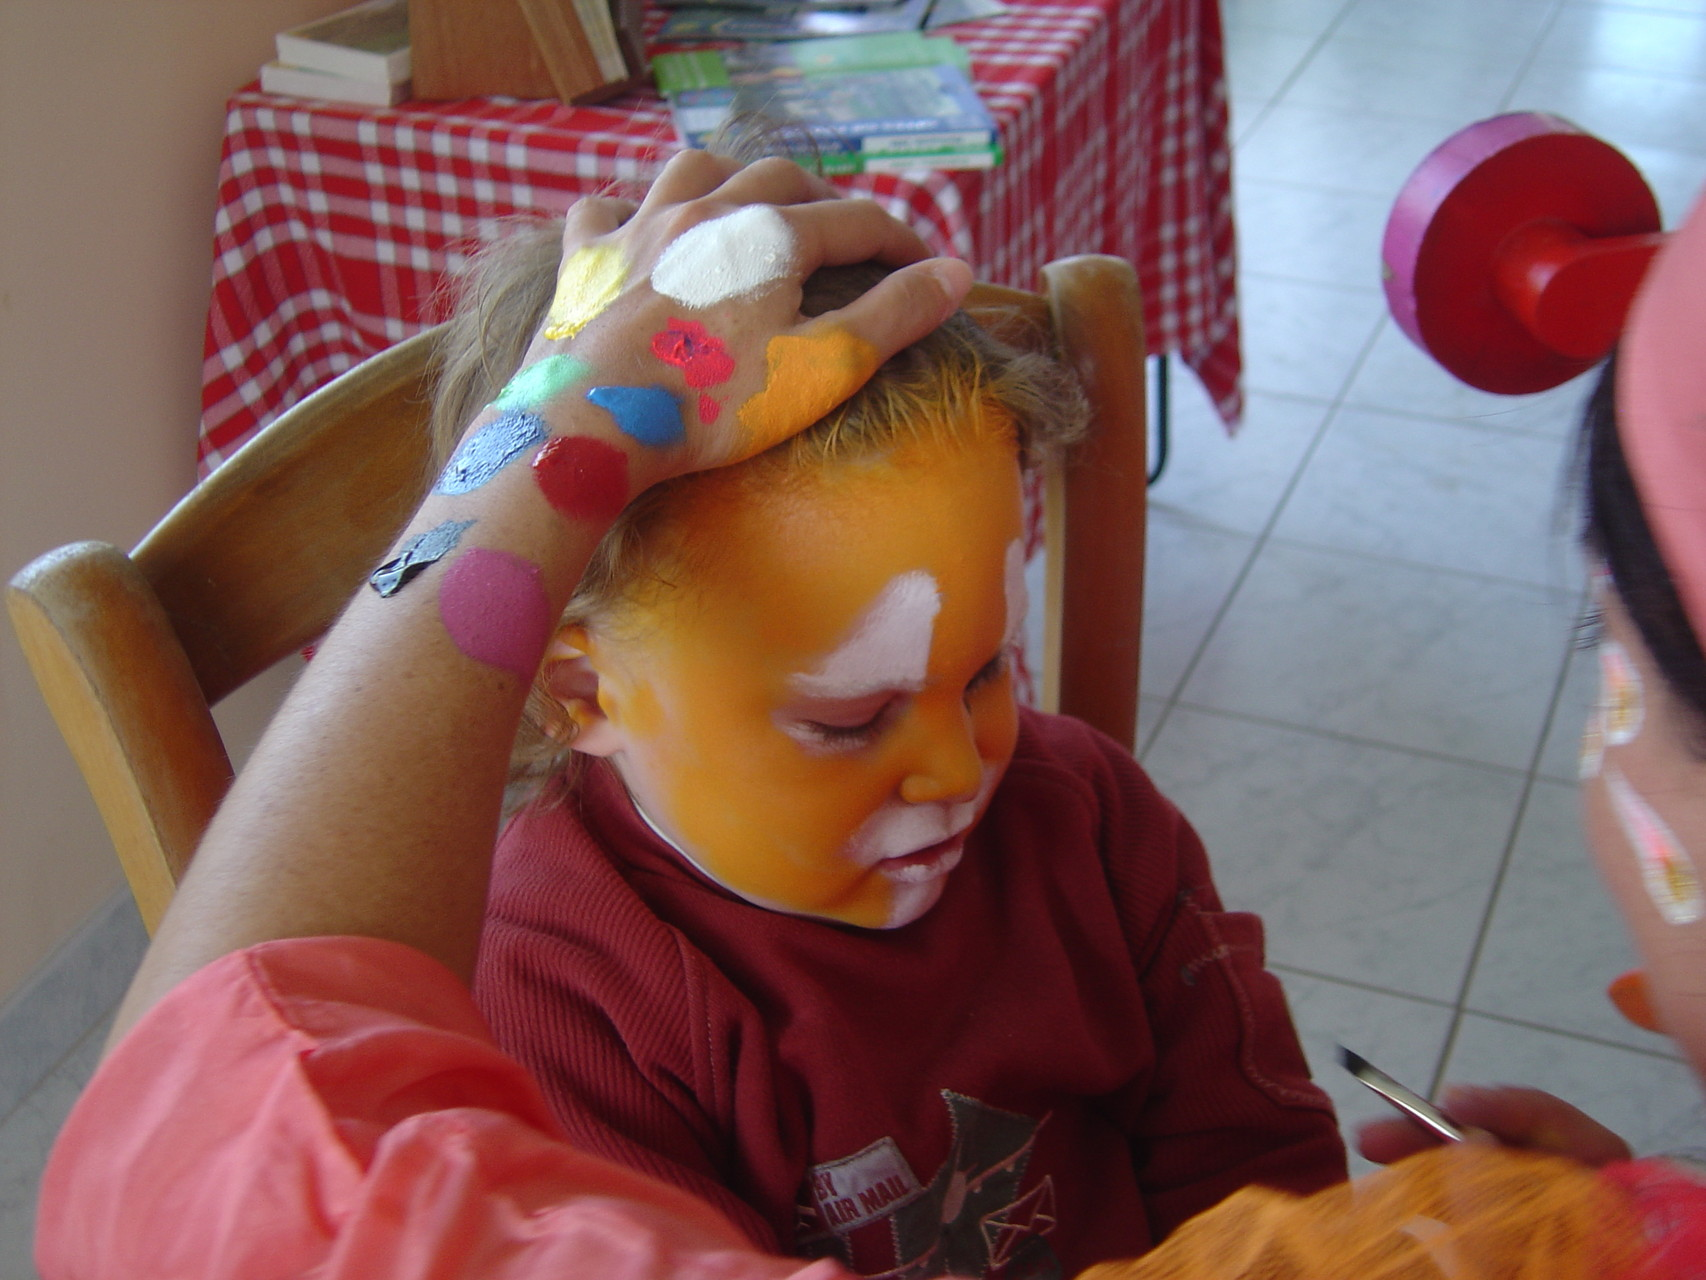 Séance de maquillage. Antoine est transformé en tigre.